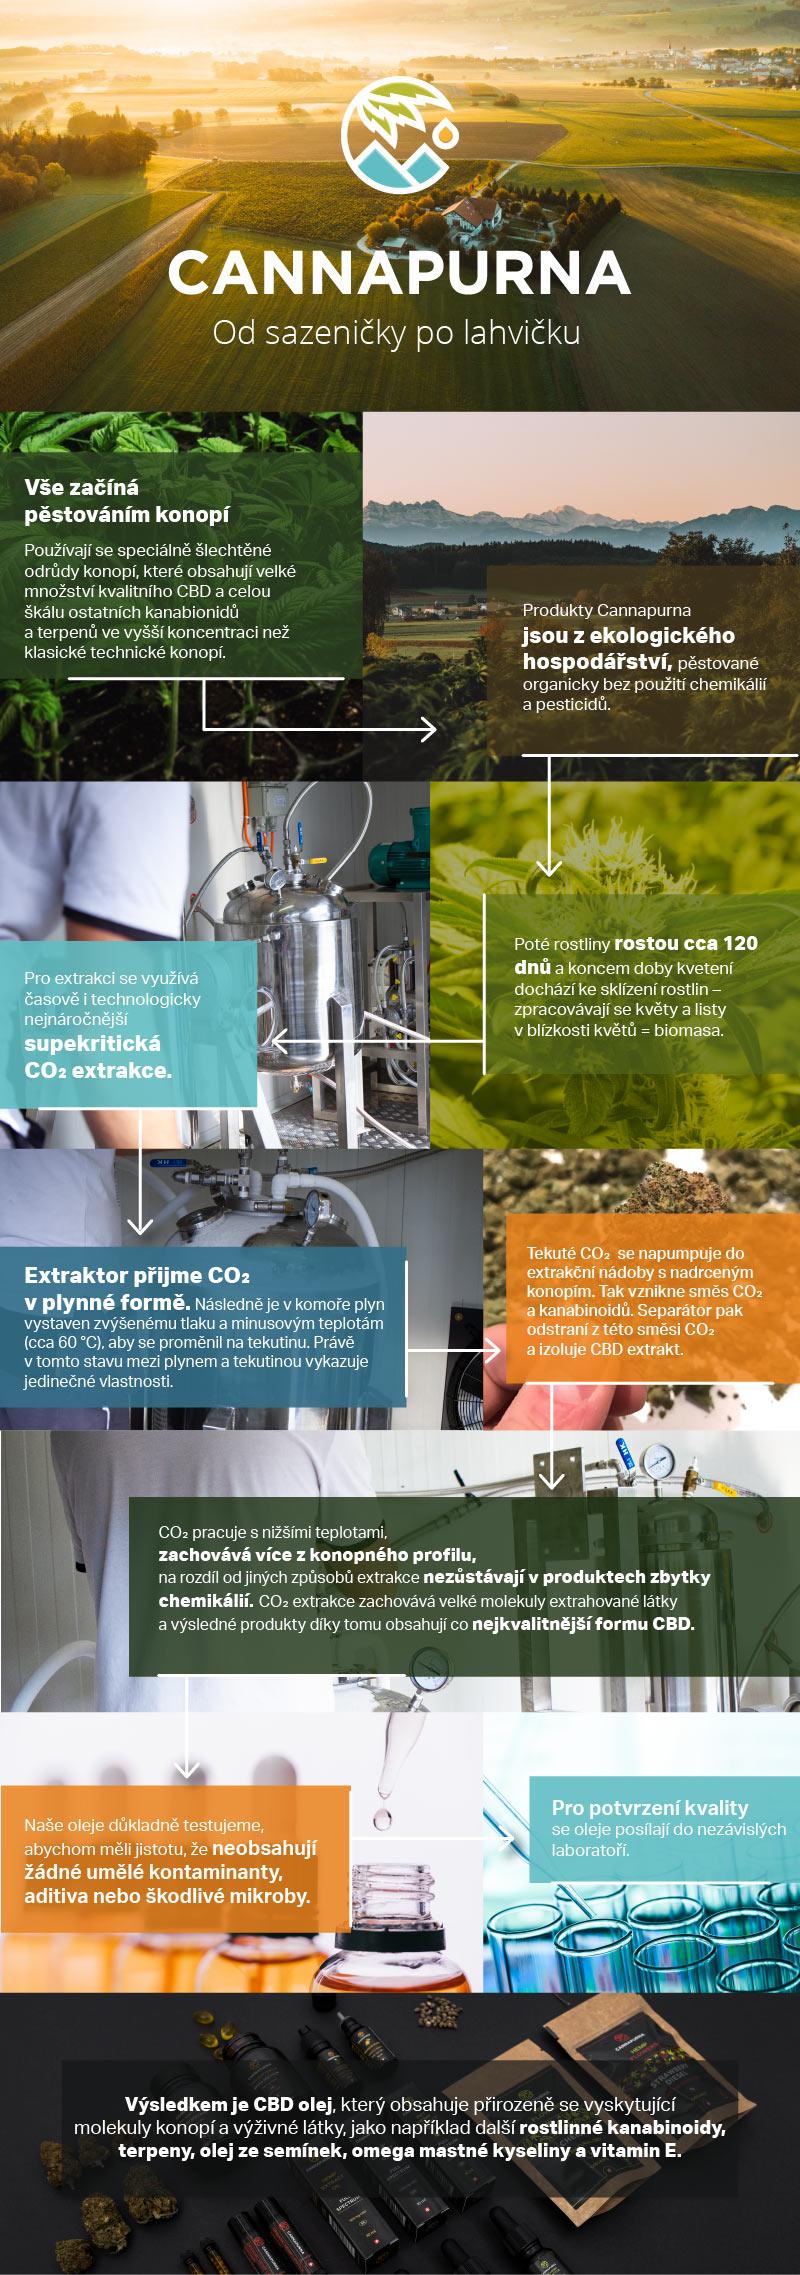 Infografika s procesem výroby CBD produktů Cannapurna